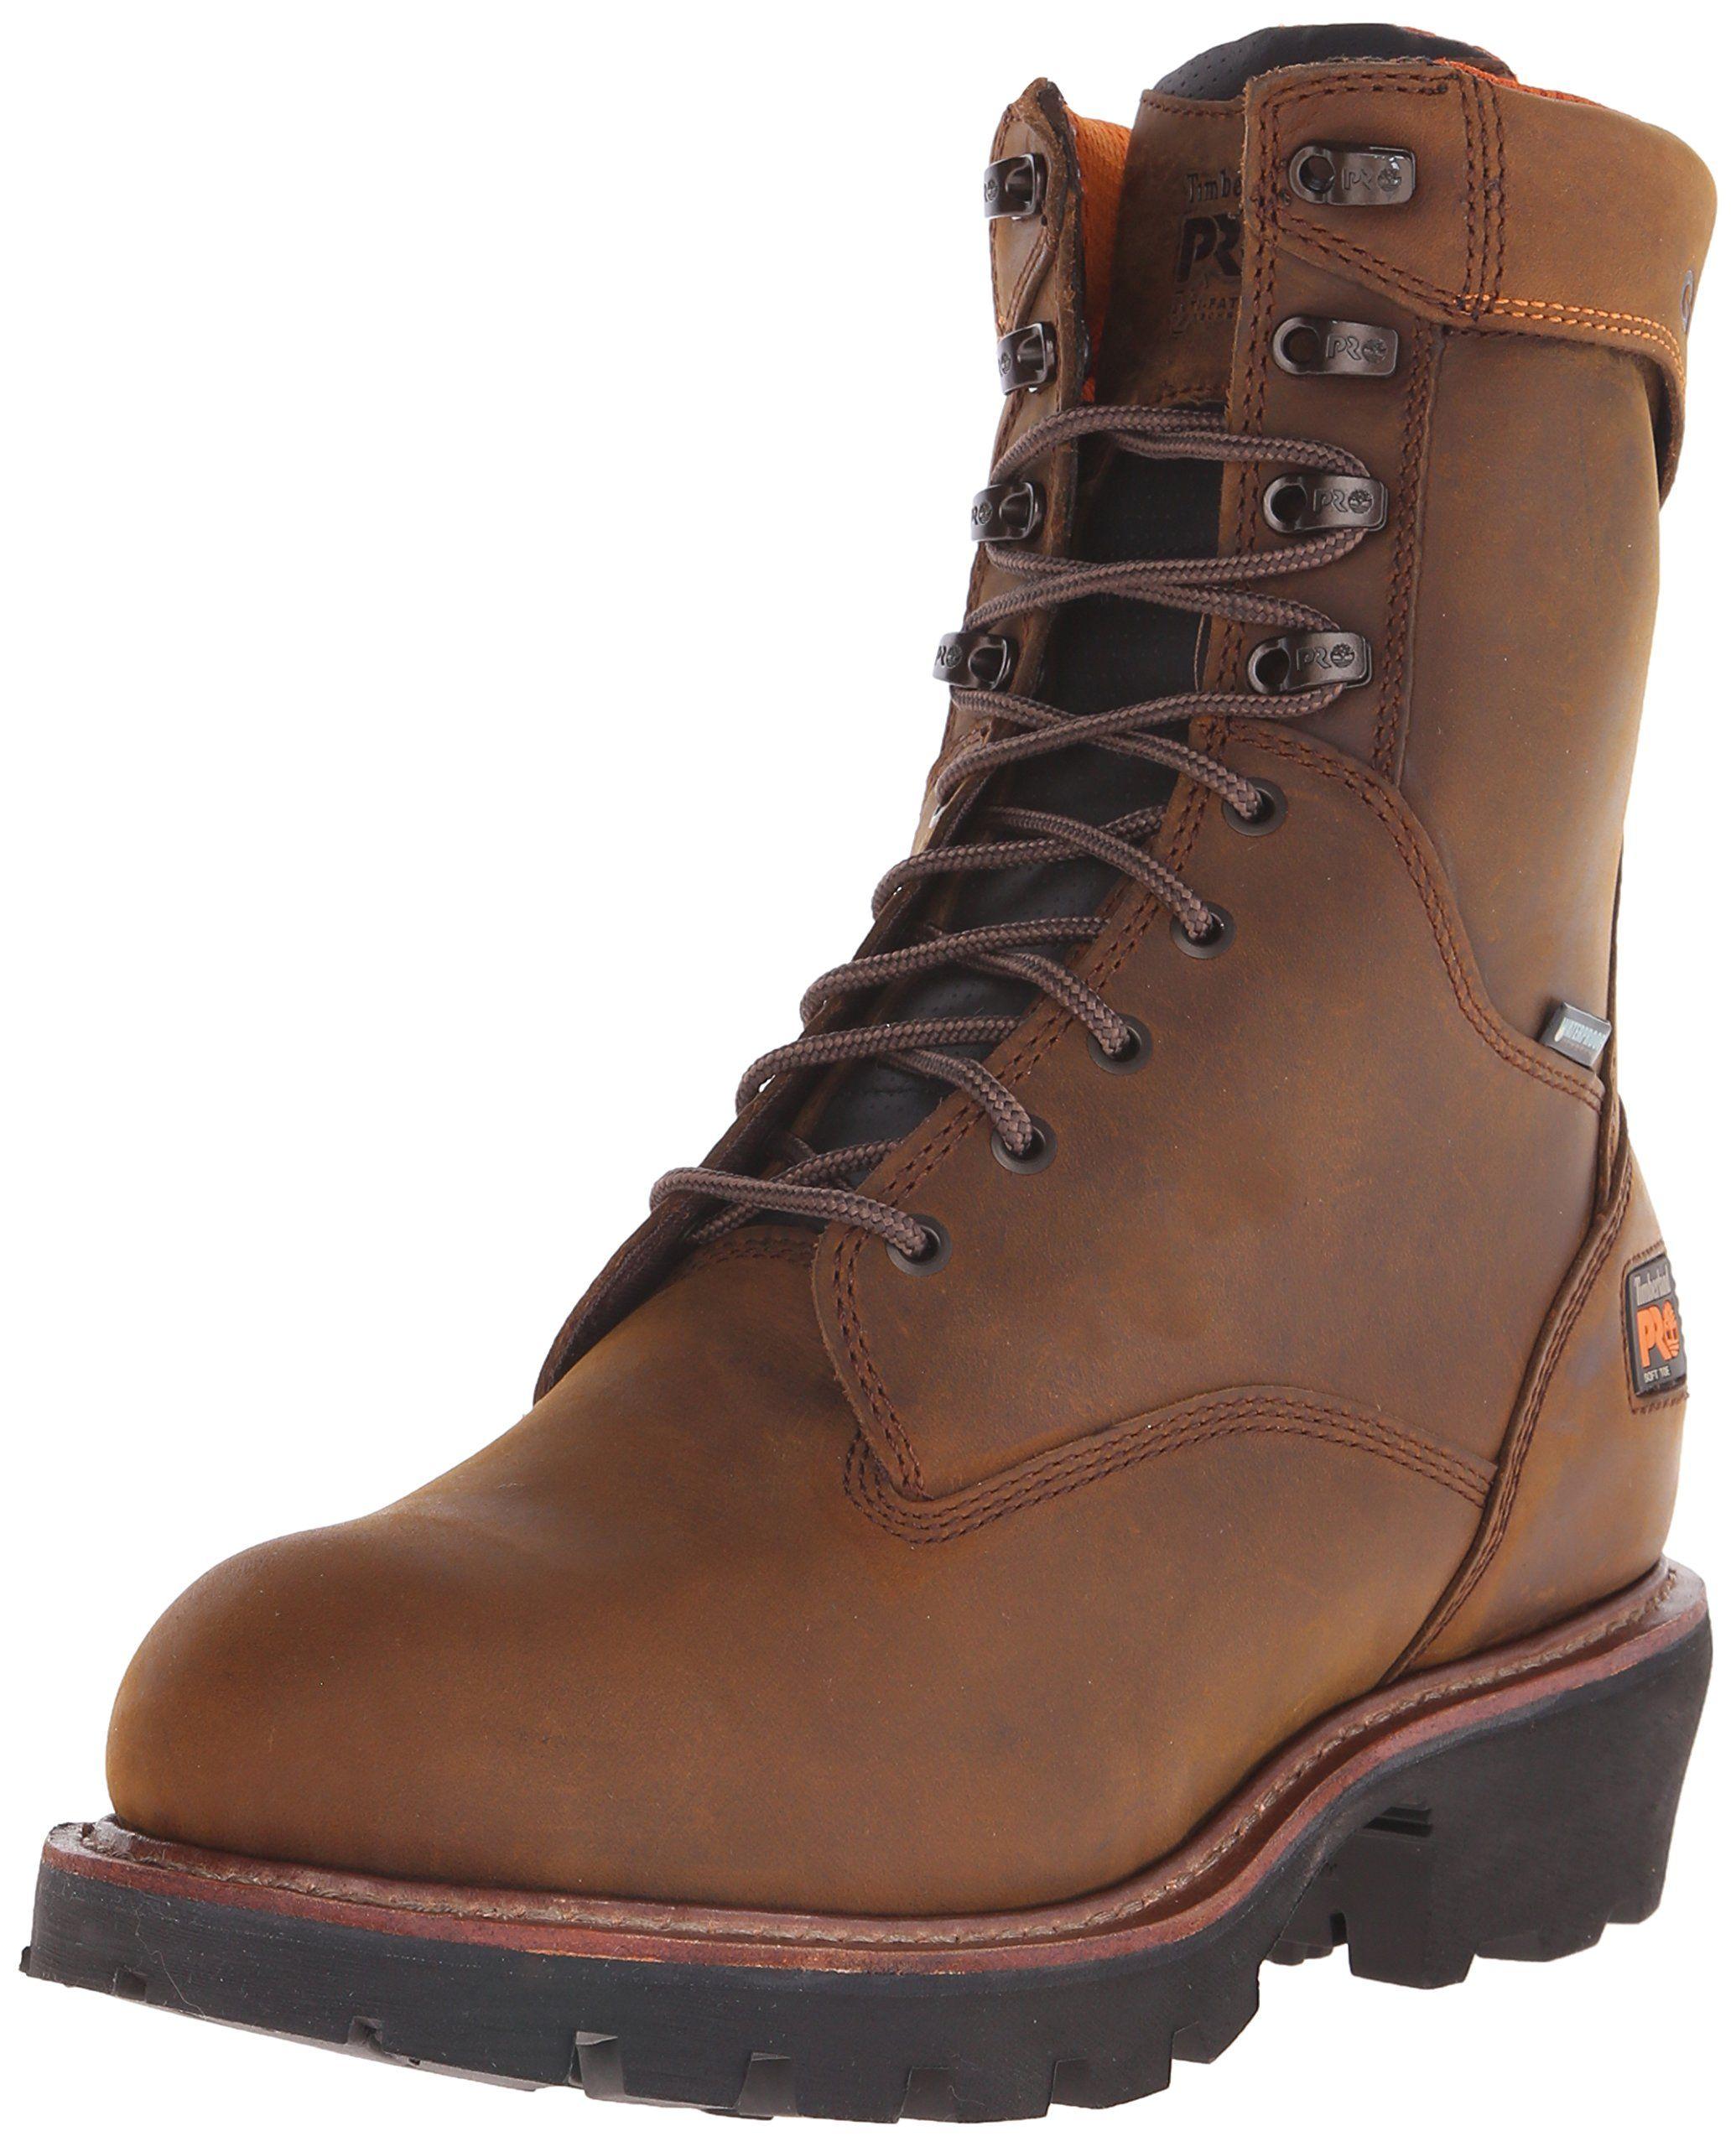 Hombre Gridworks 8 Alloy Safety Toe WP Industrial y zapato de construcci¨®n, cuero de grano completo negro, 7.5 W US